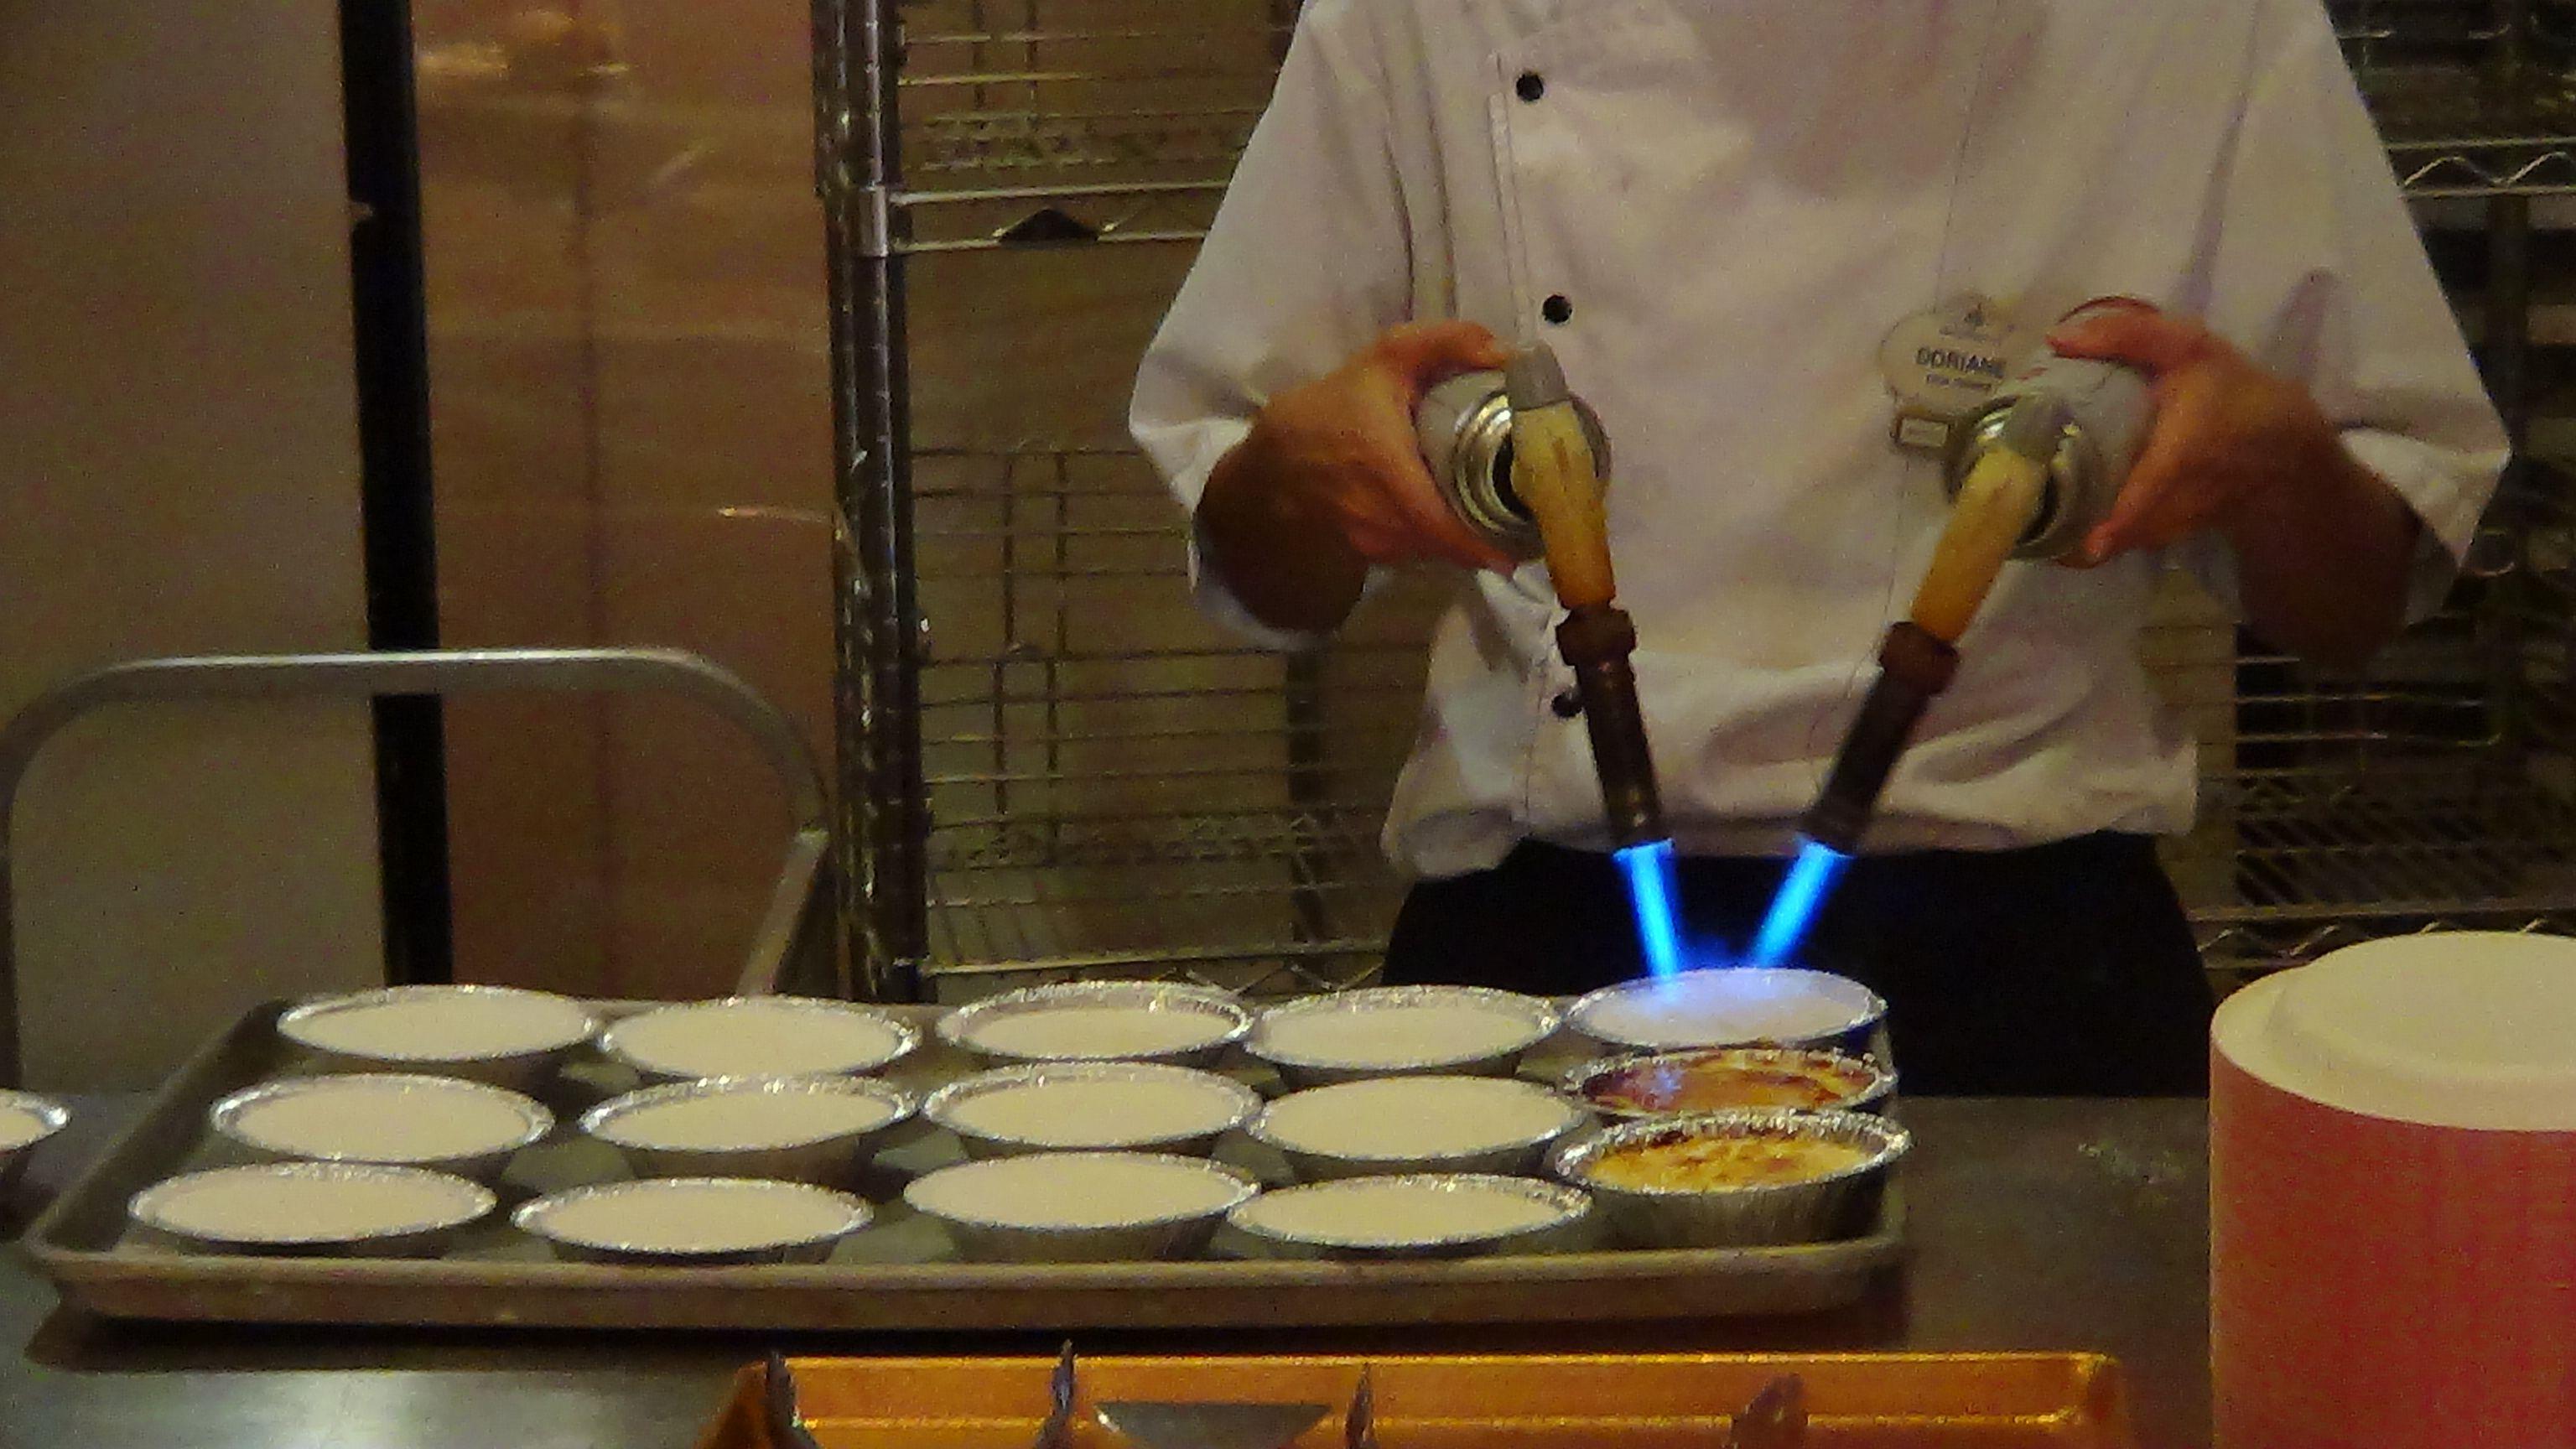 #DisneyDining A chef at Les Halles Boulangerie at Epcot's France Pavilion prepares some Créme Brûlées.